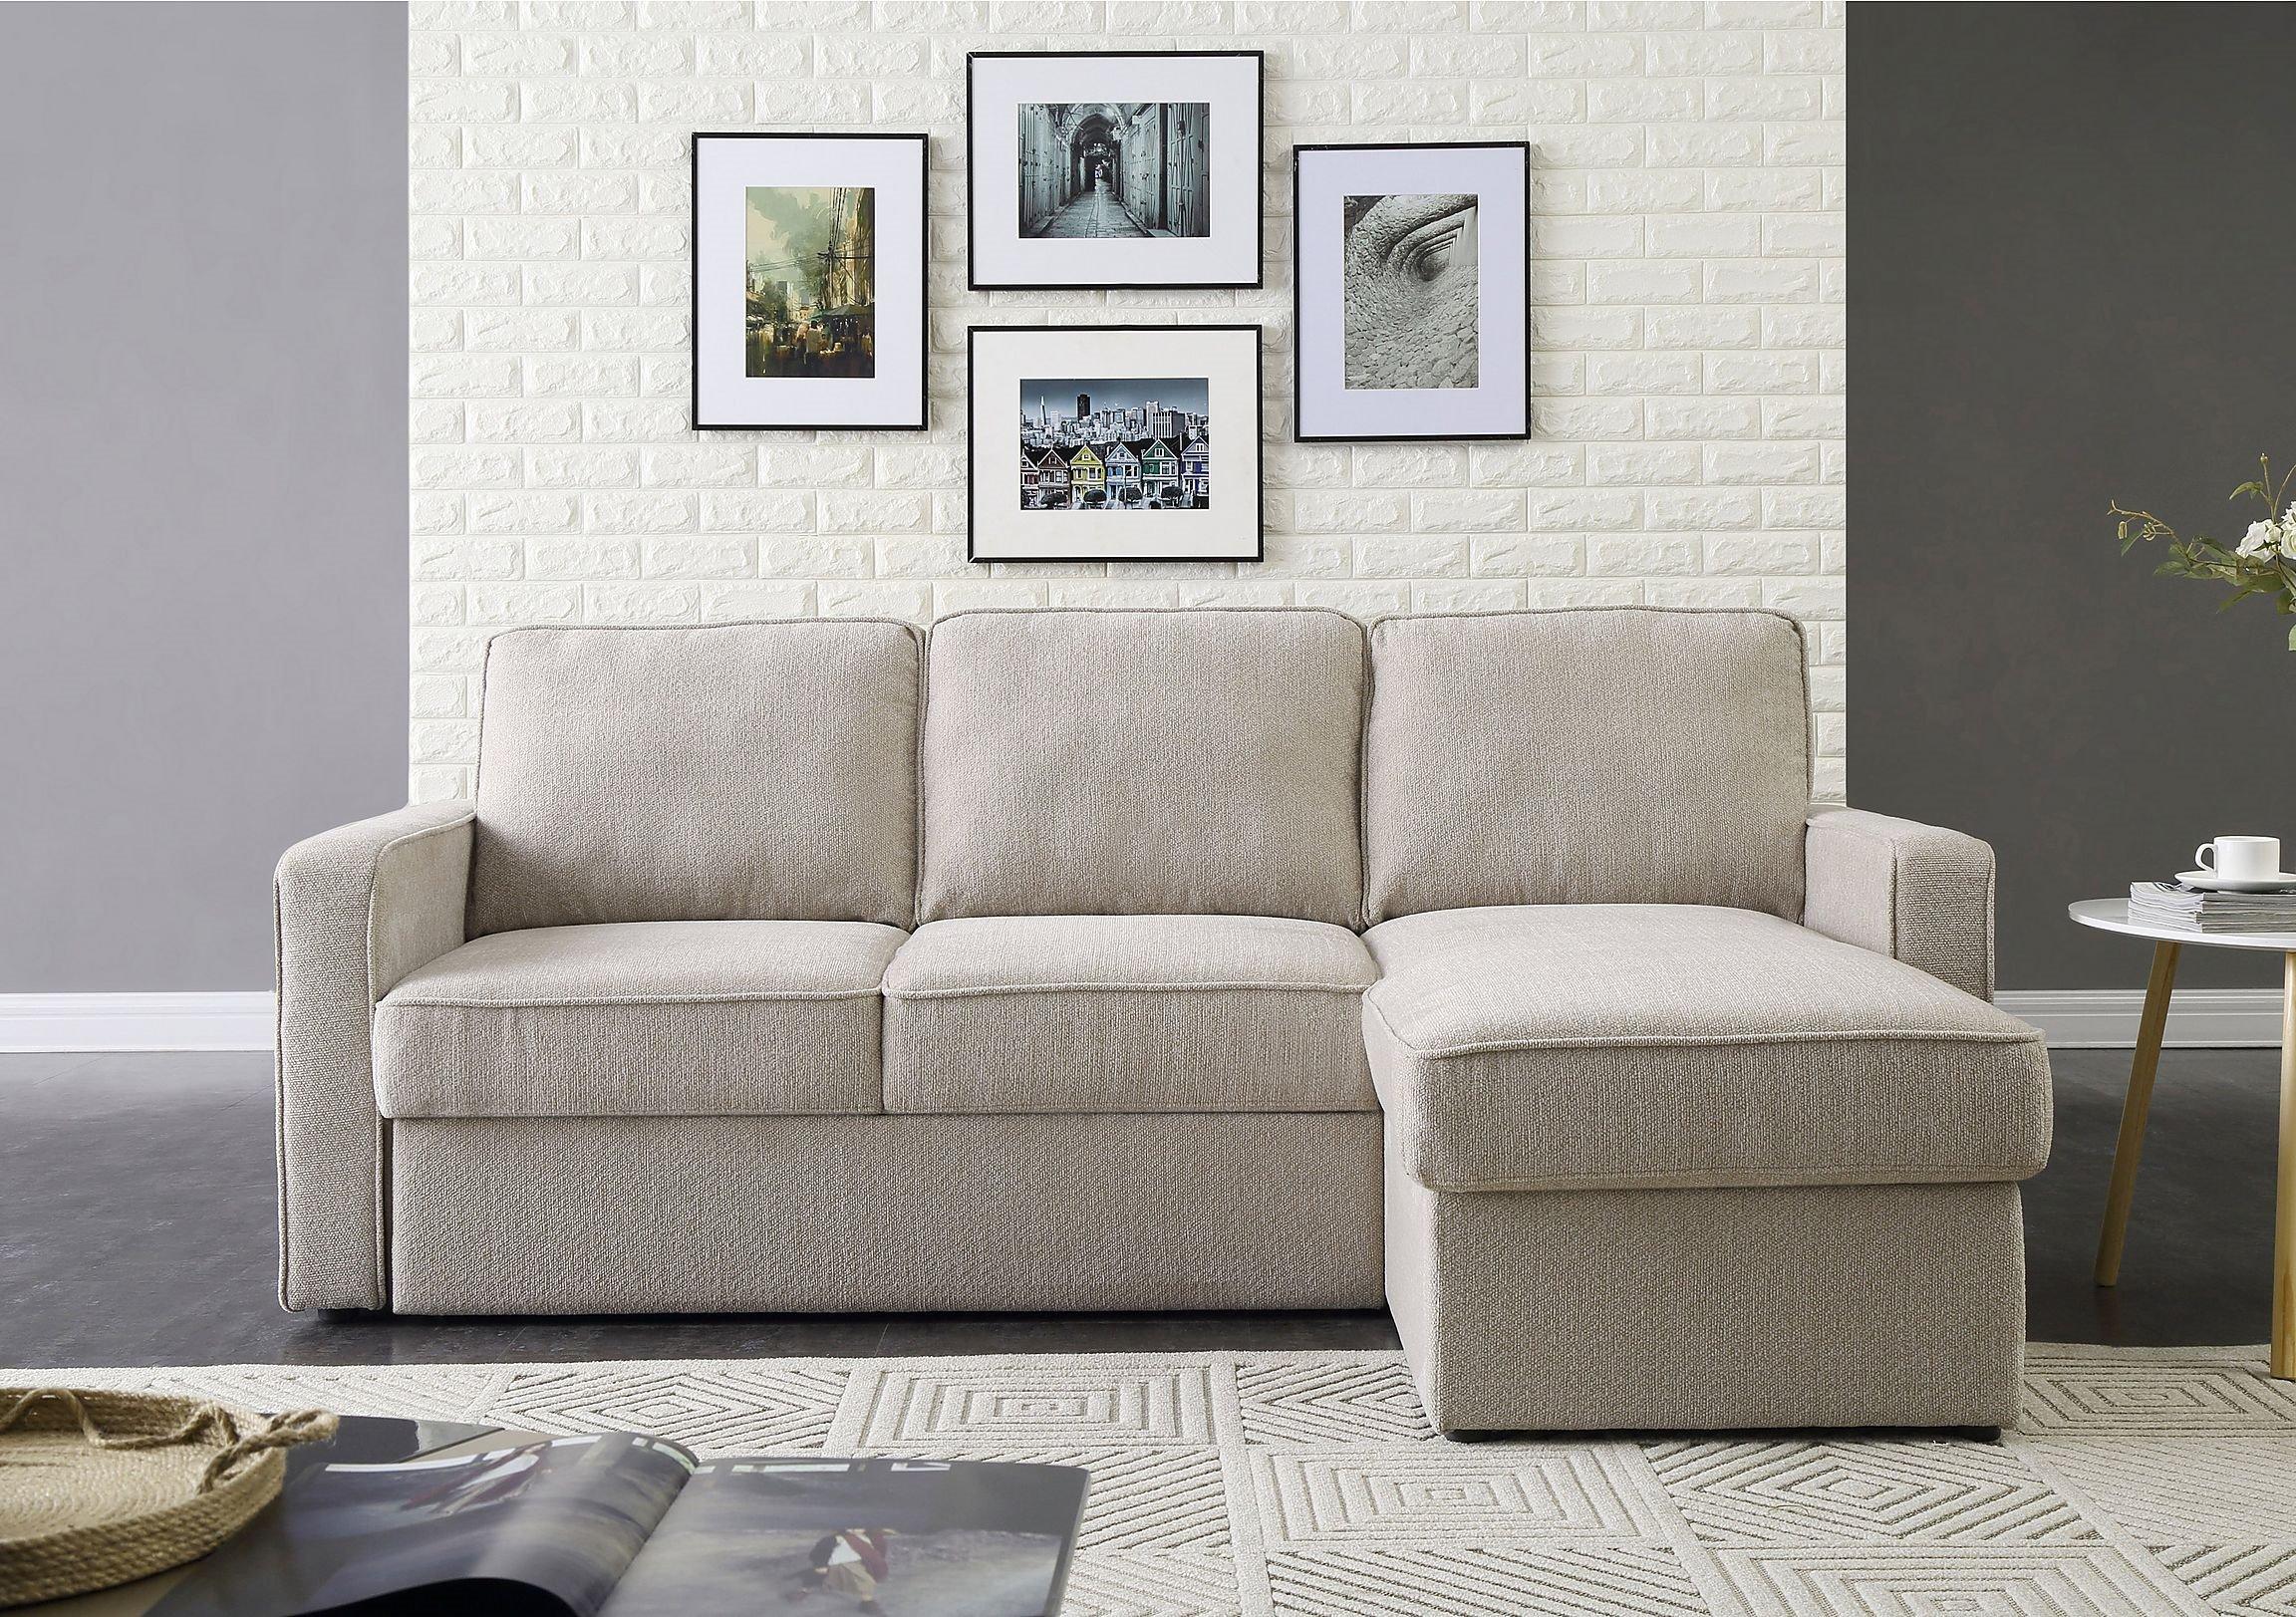 Угловой диван для сна (15)